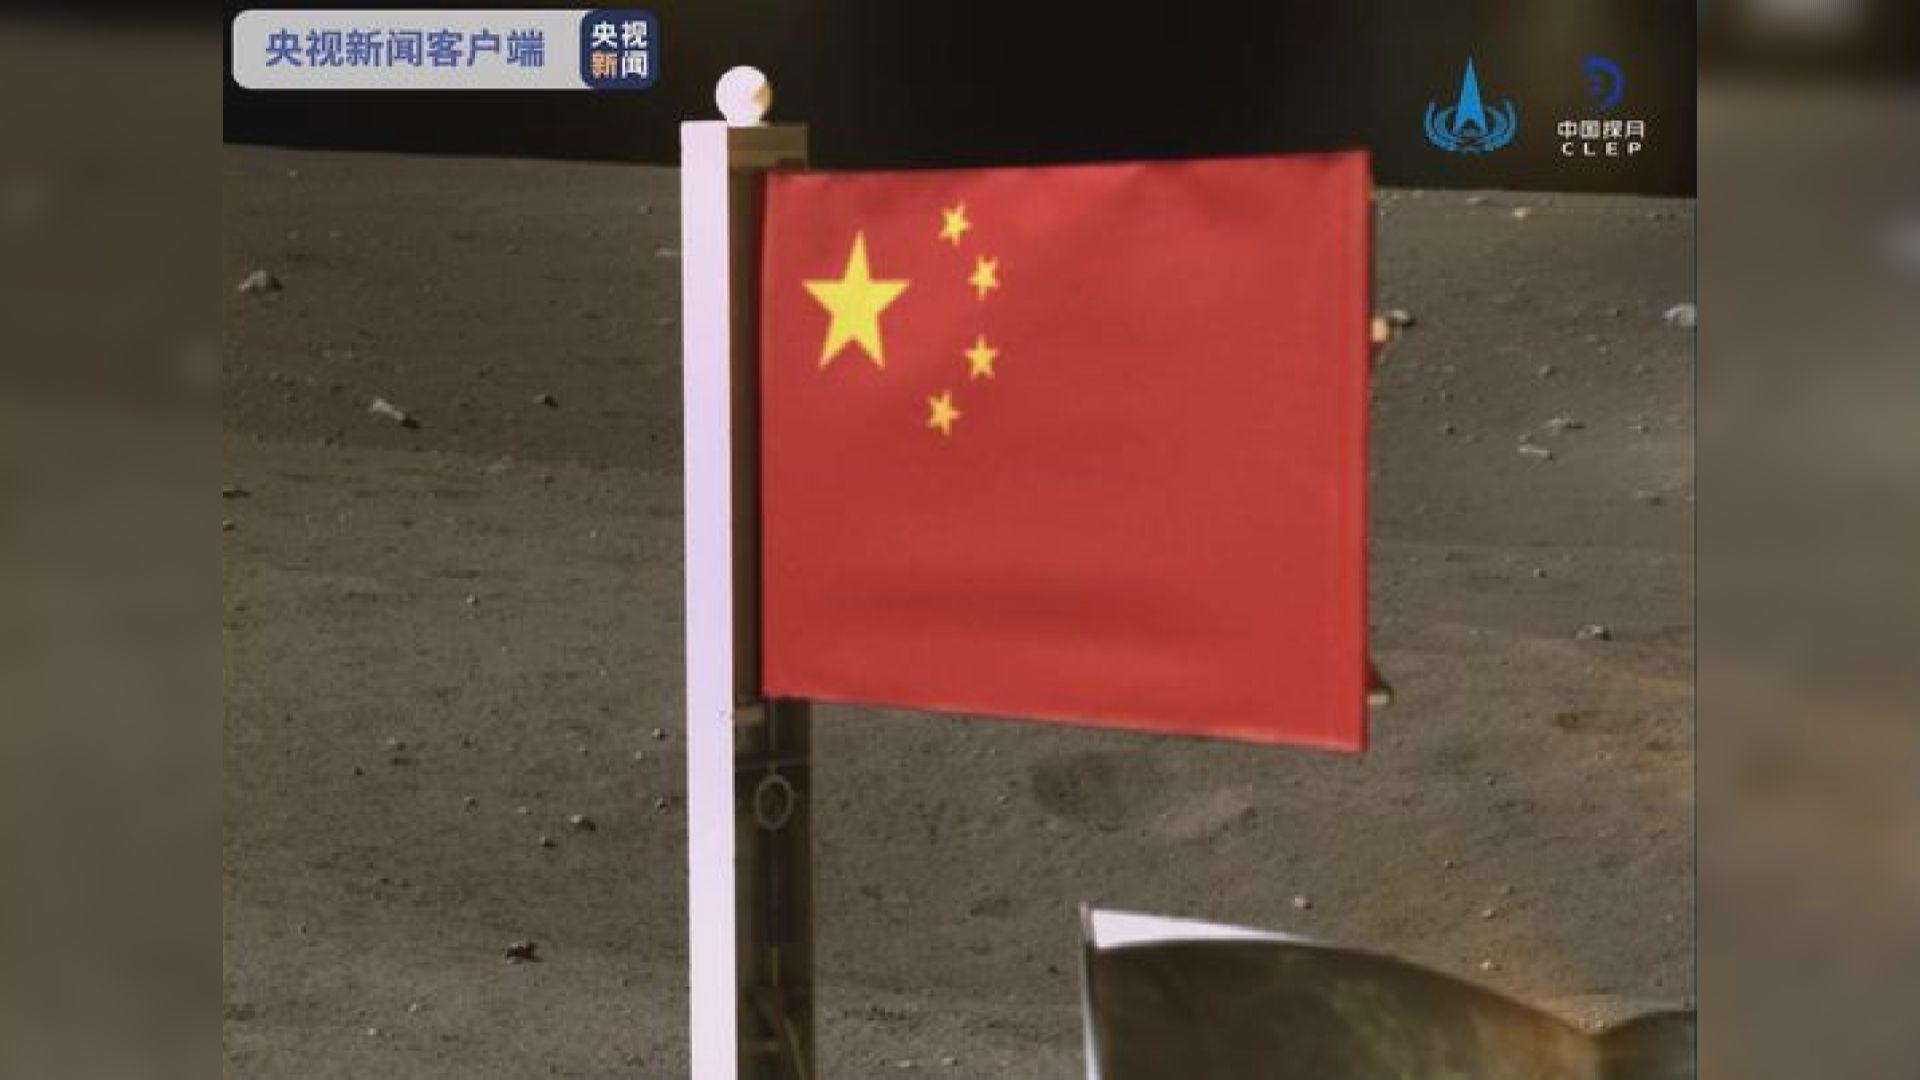 嫦娥五號在月球表面獨立展示五星紅旗